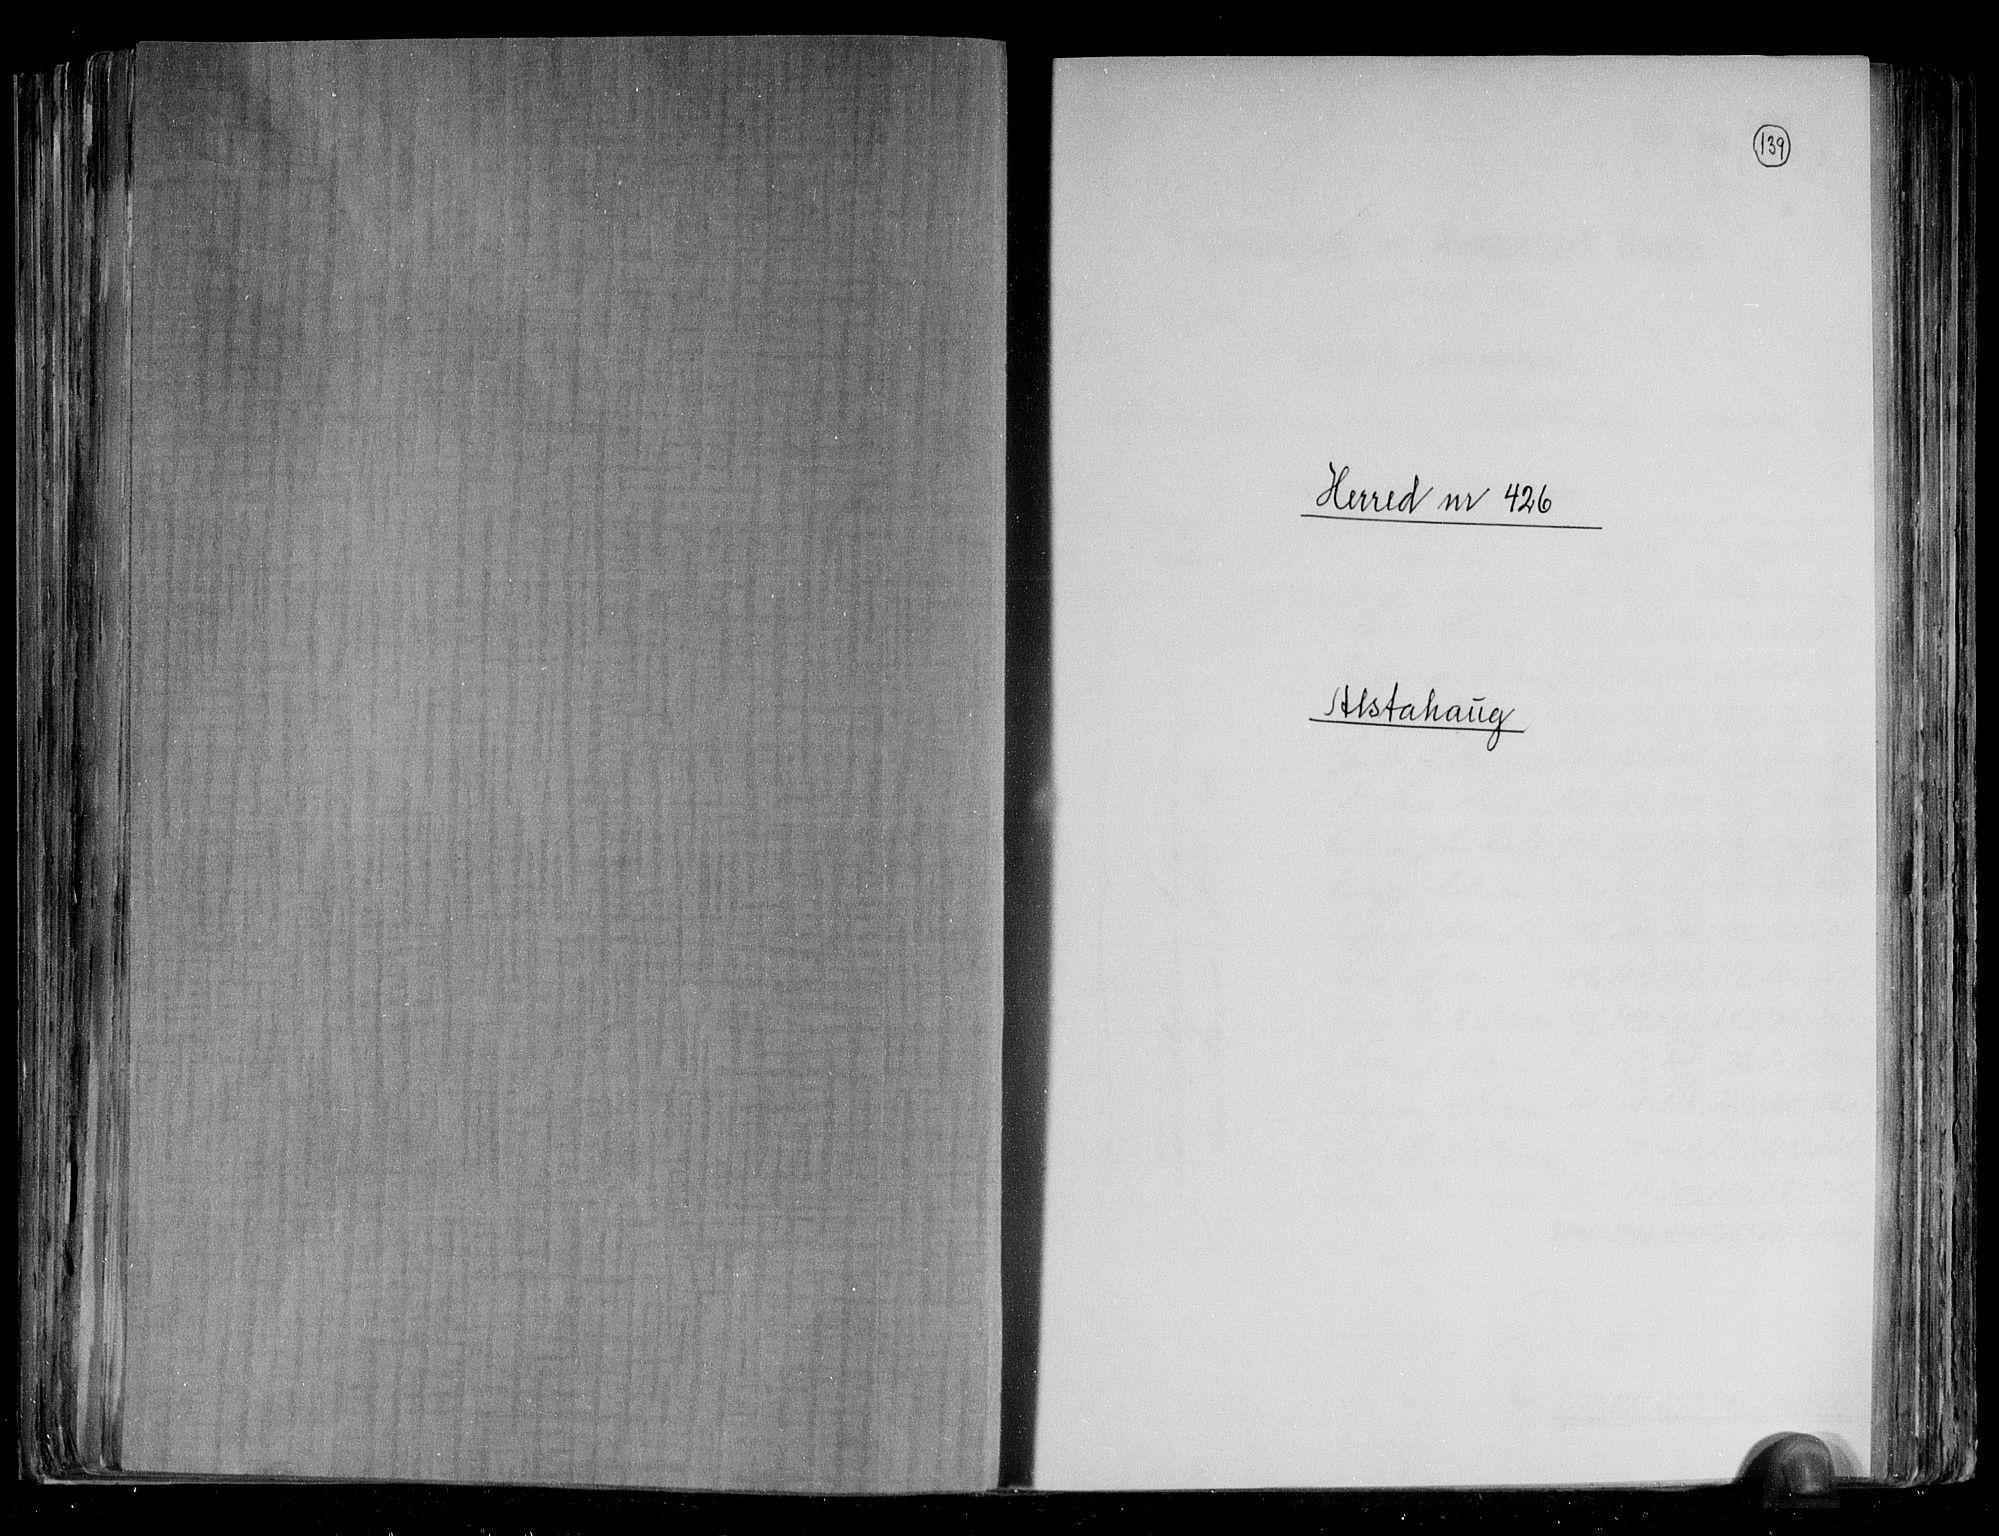 RA, Folketelling 1891 for 1820 Alstahaug herred, 1891, s. 1